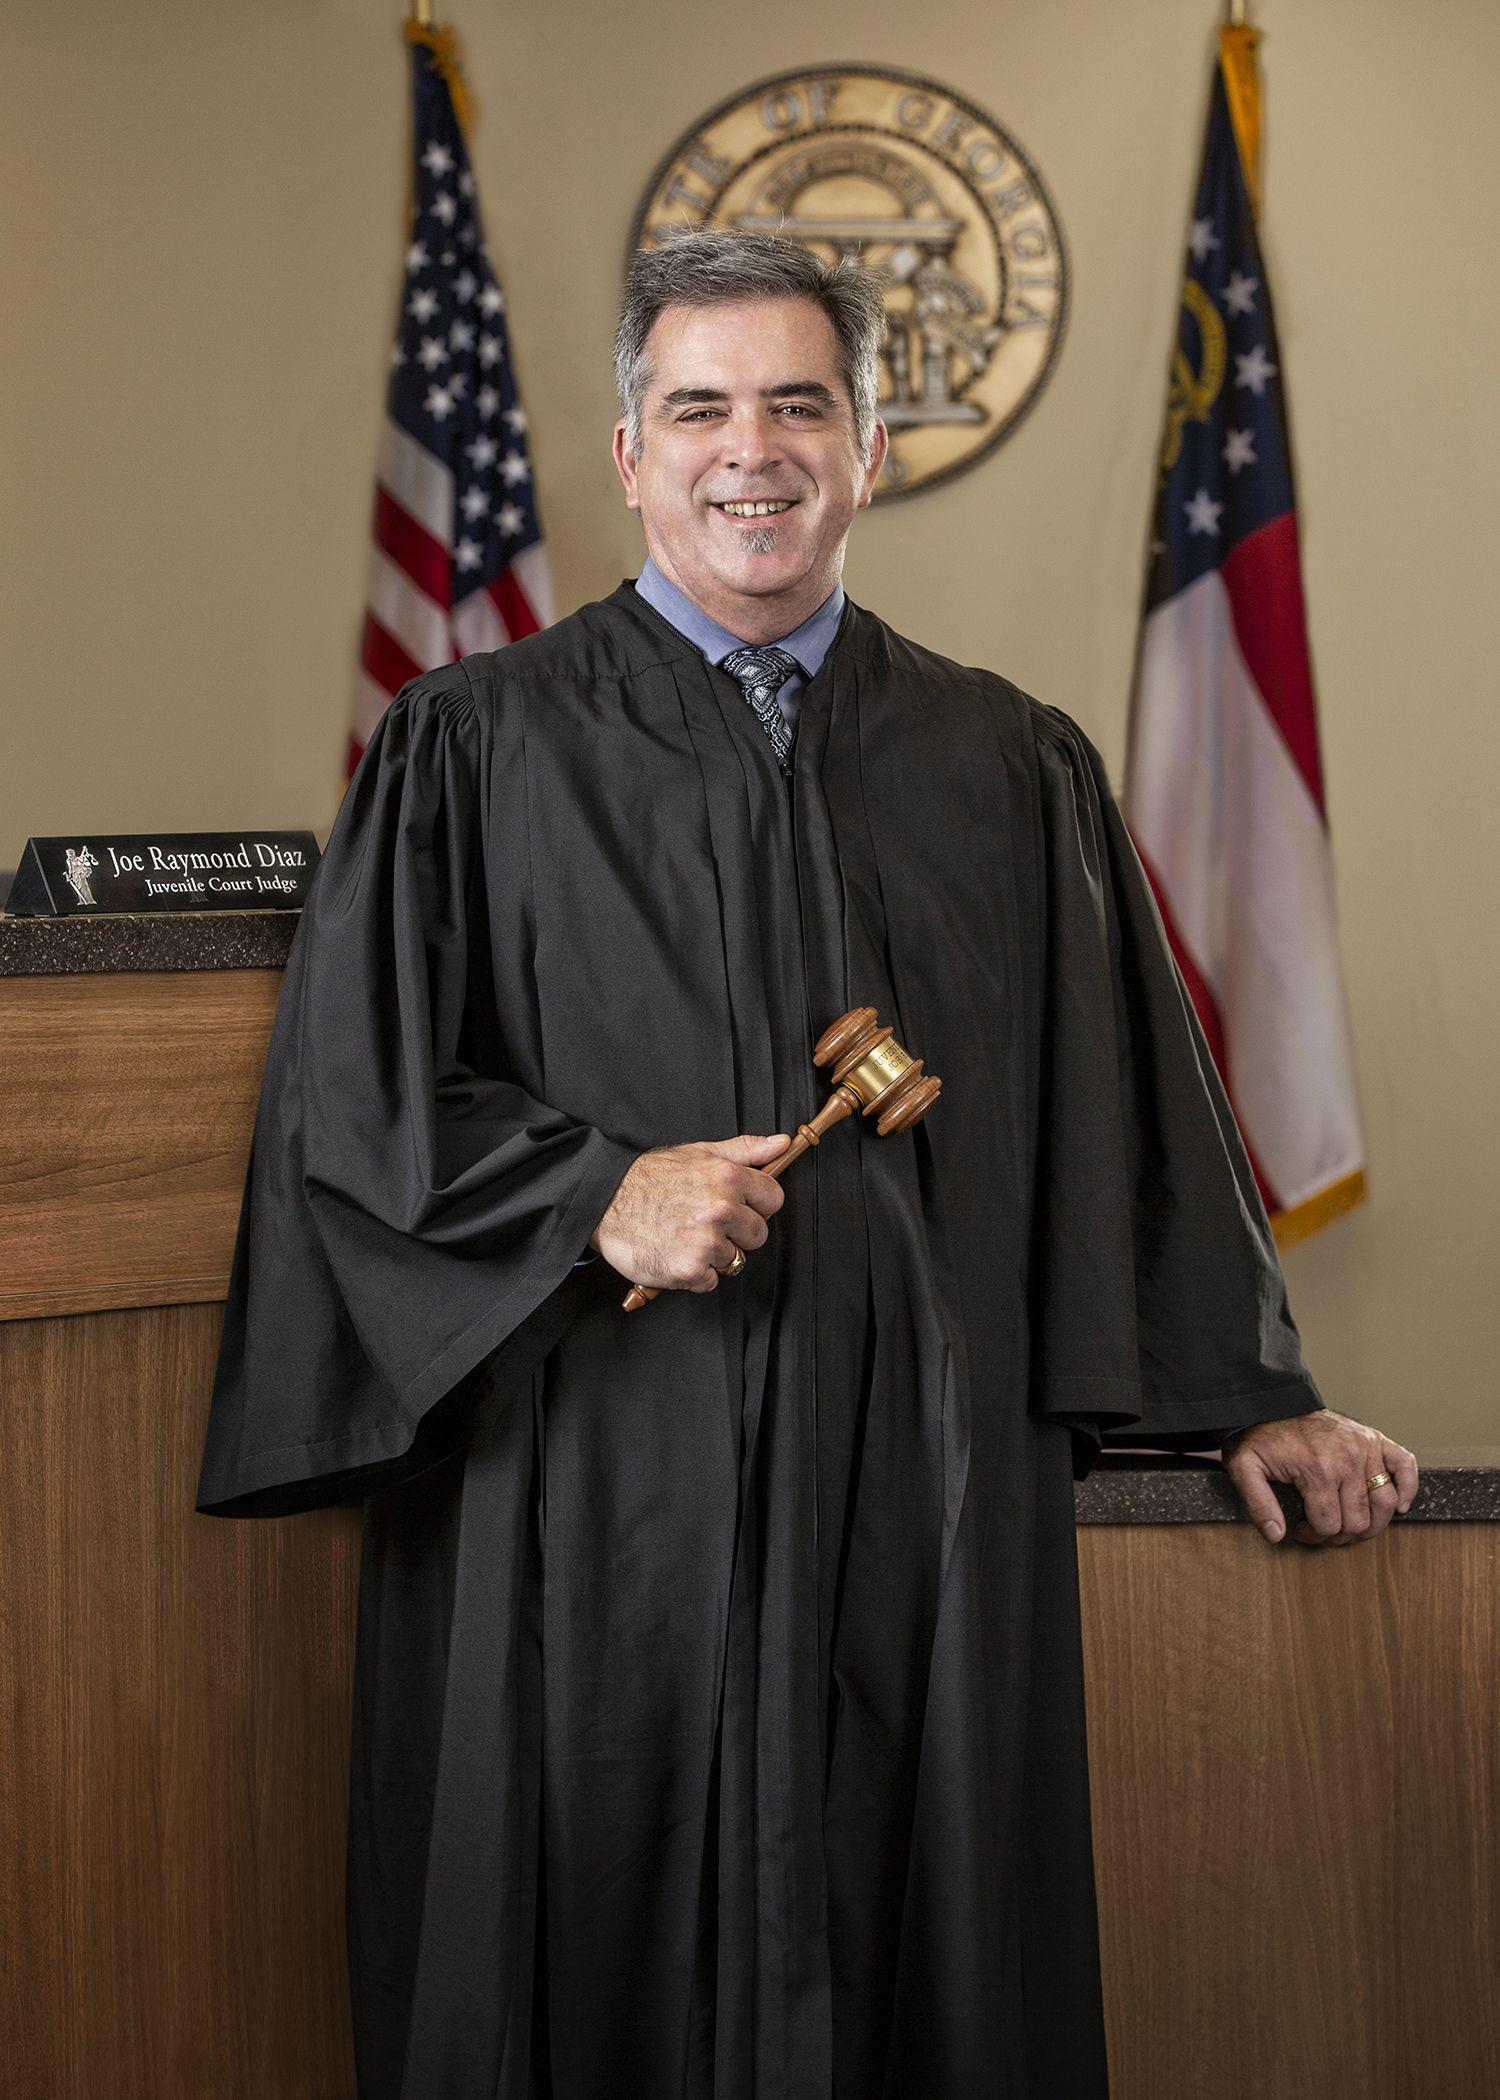 Judge Joe R. Diaz